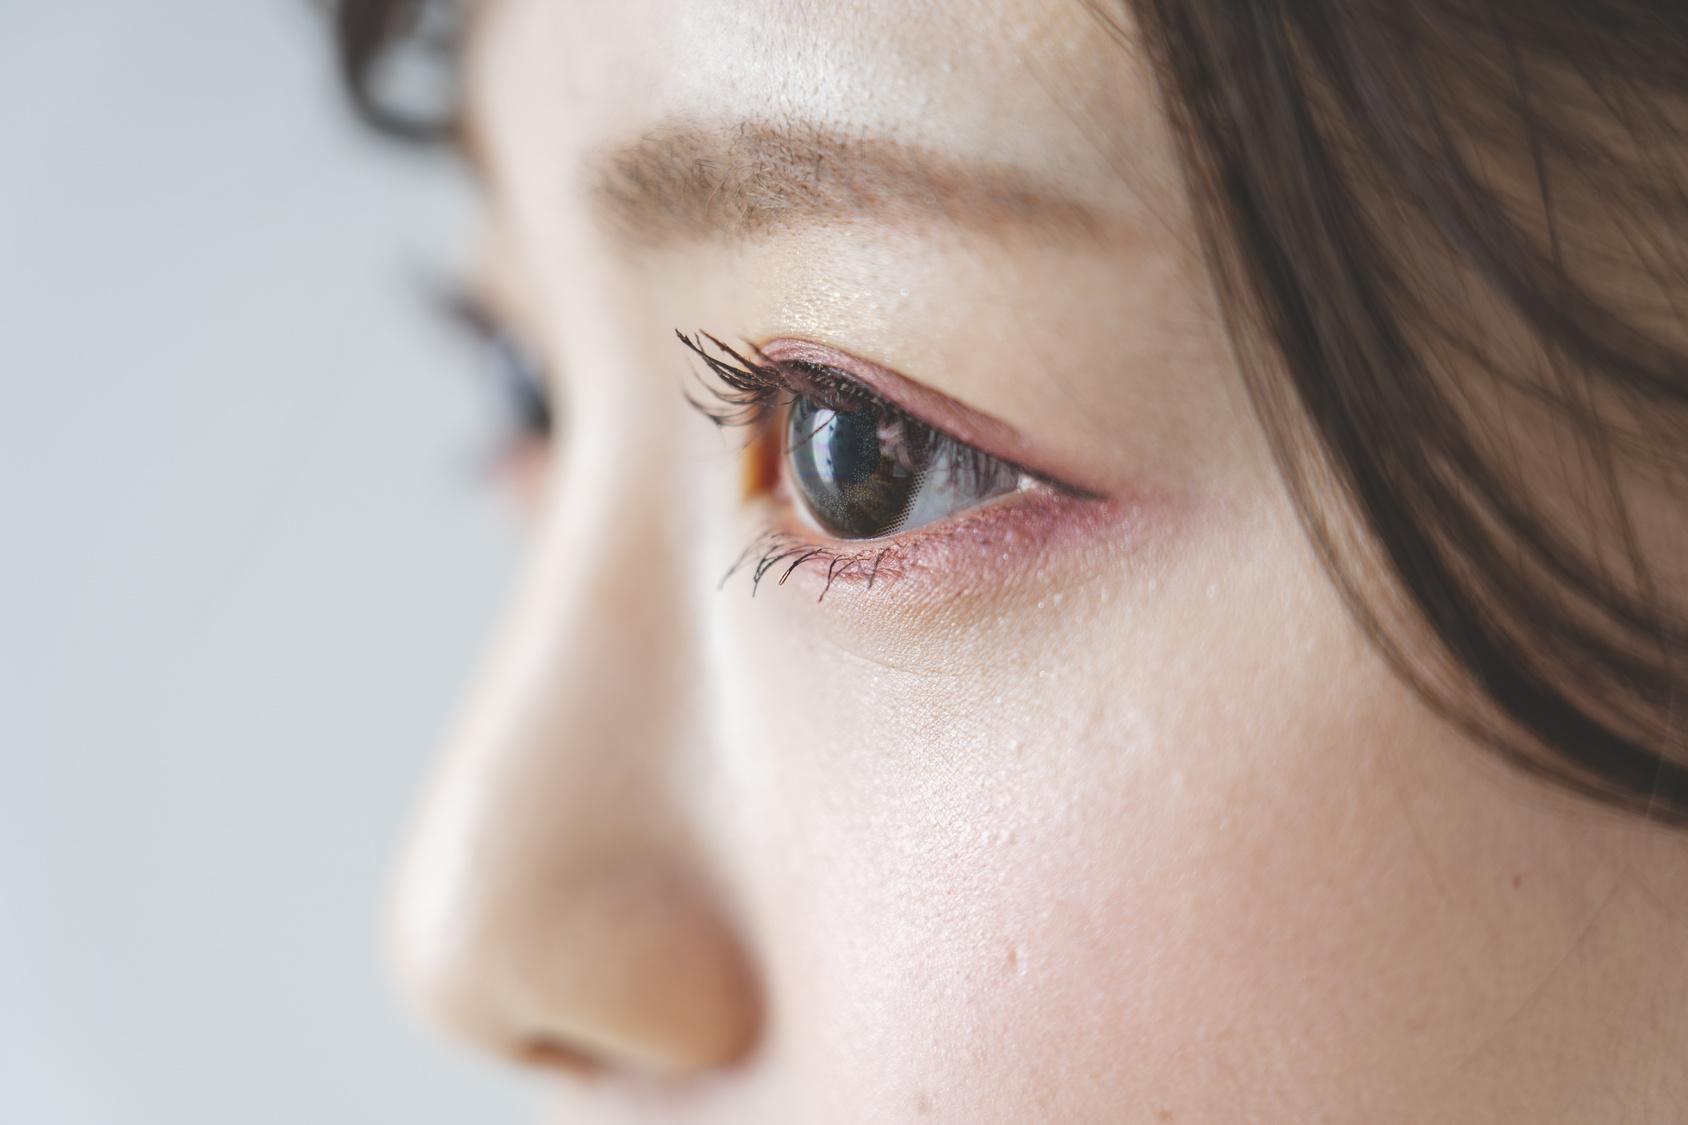 眼内レンズの寿命は?何回も変える必要はある?